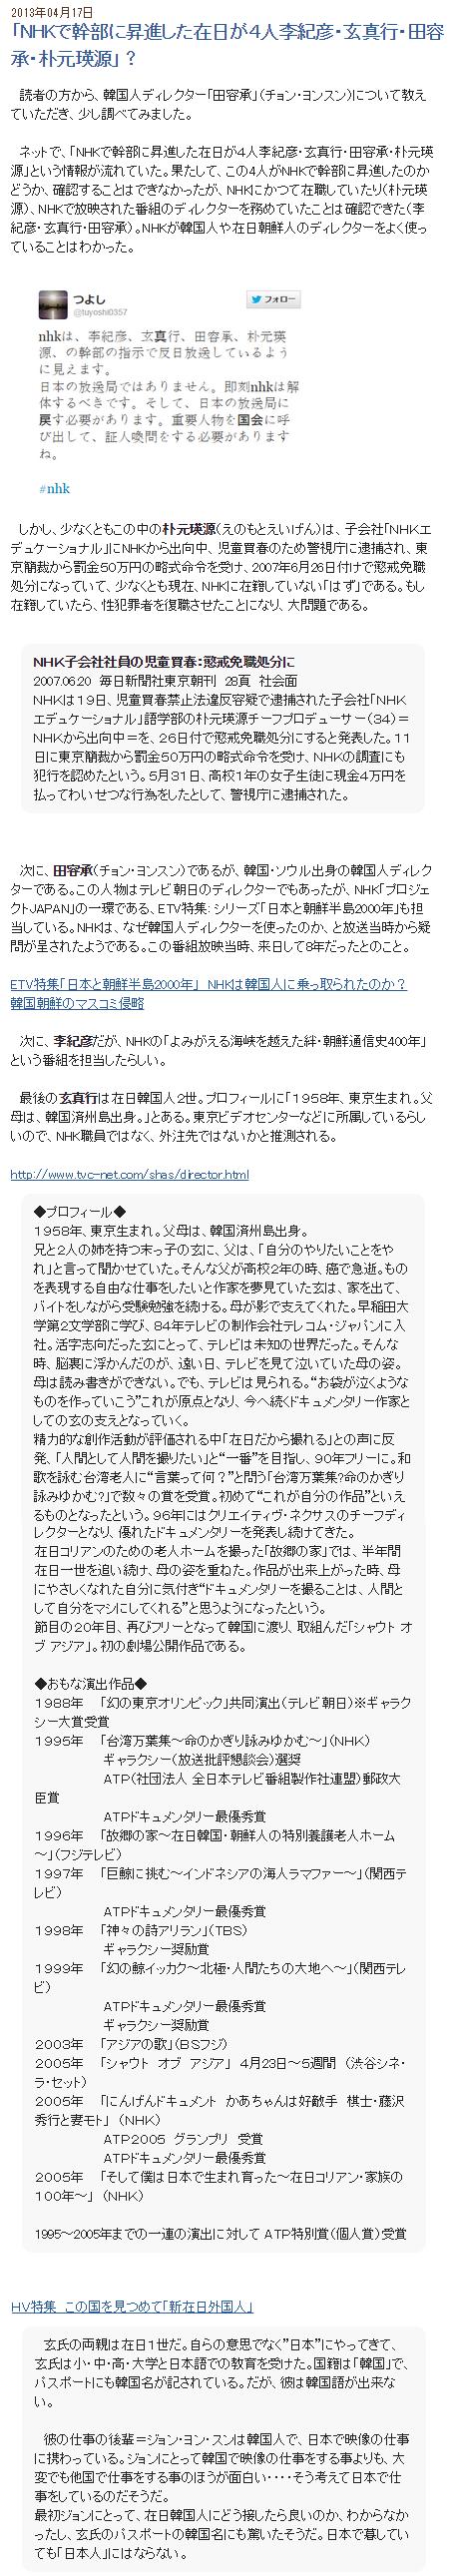 NHKの幹部の少なくとも4人はシナチョン2